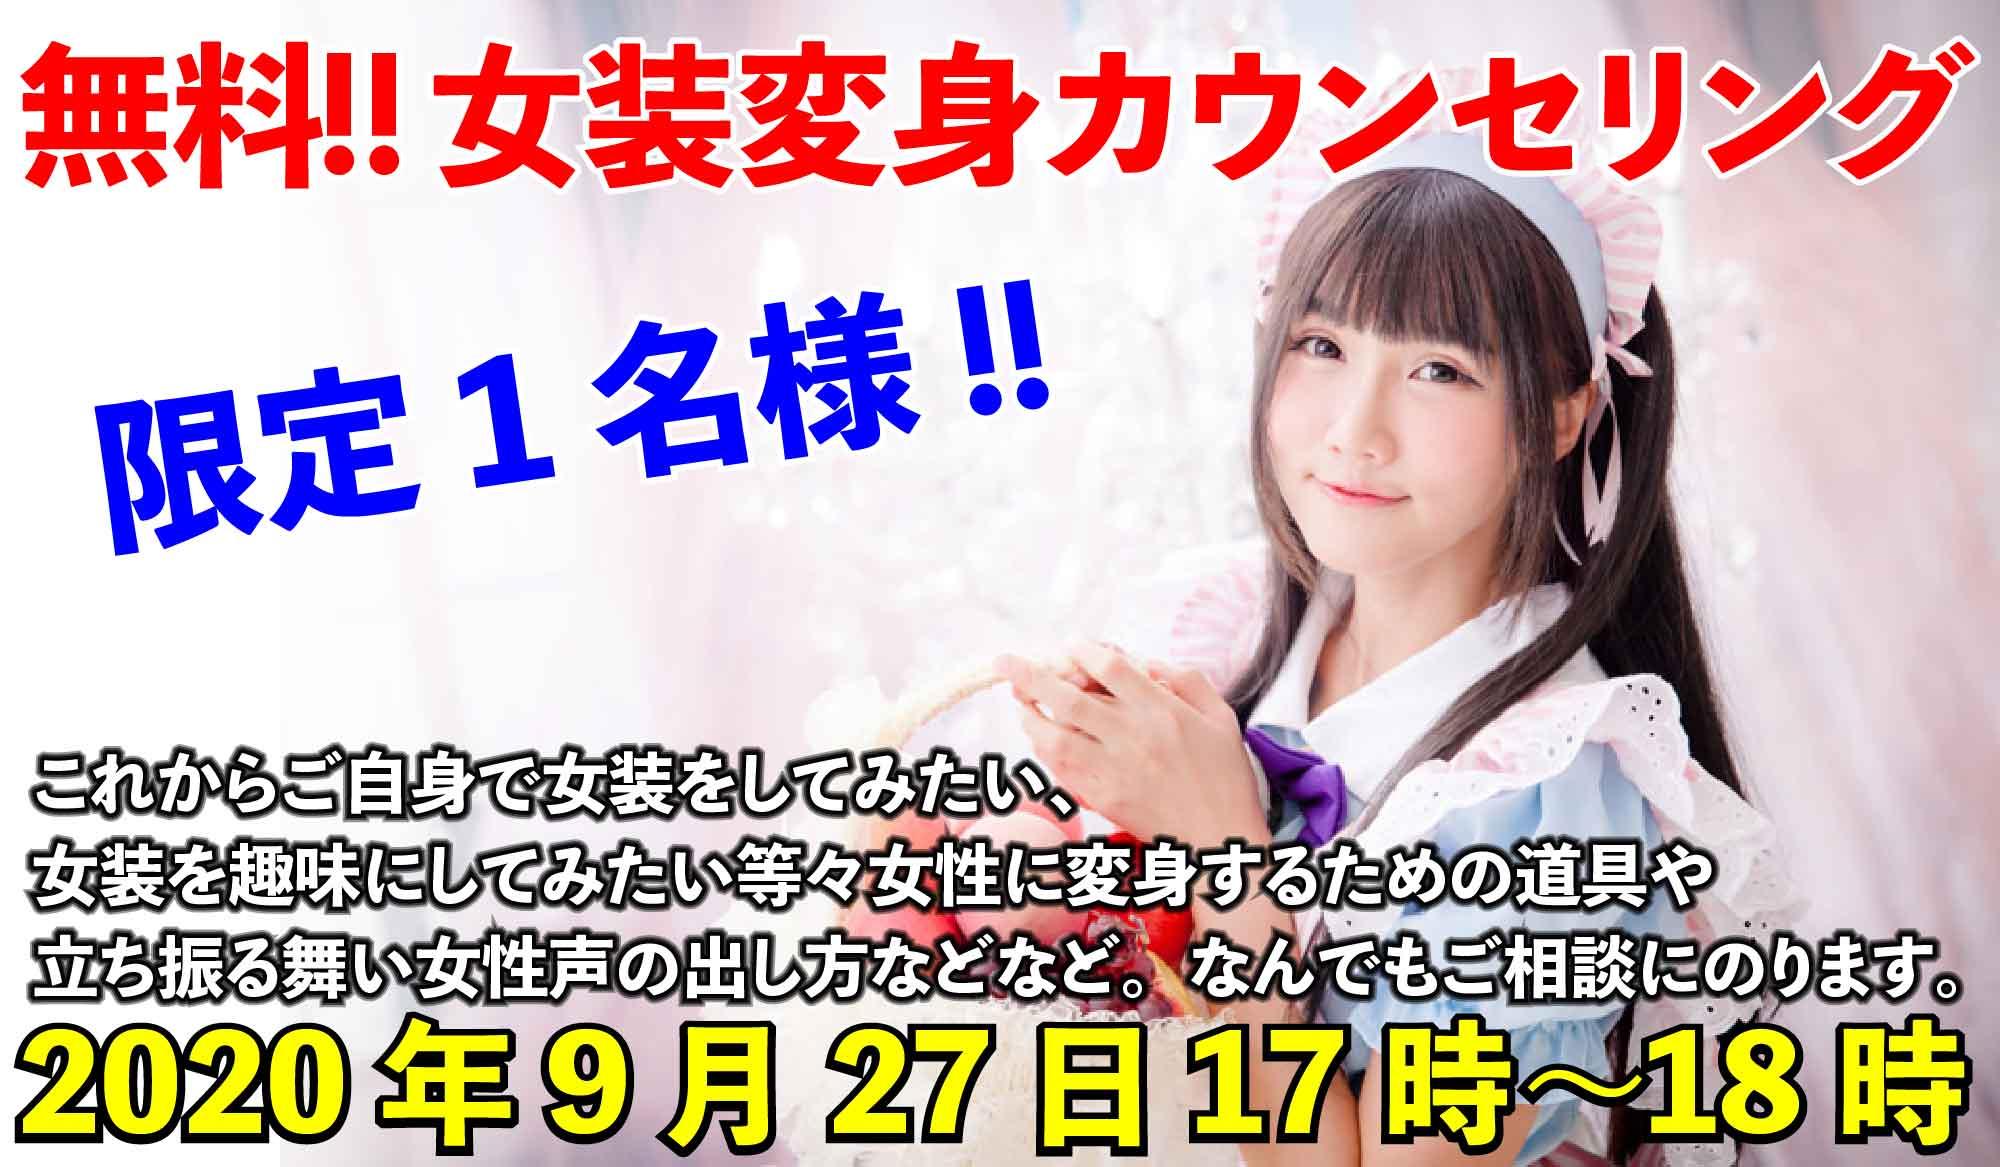 """<女装無料カウンセリング(2020年9月27日(17時~18時))>""""></a></p> <p style="""